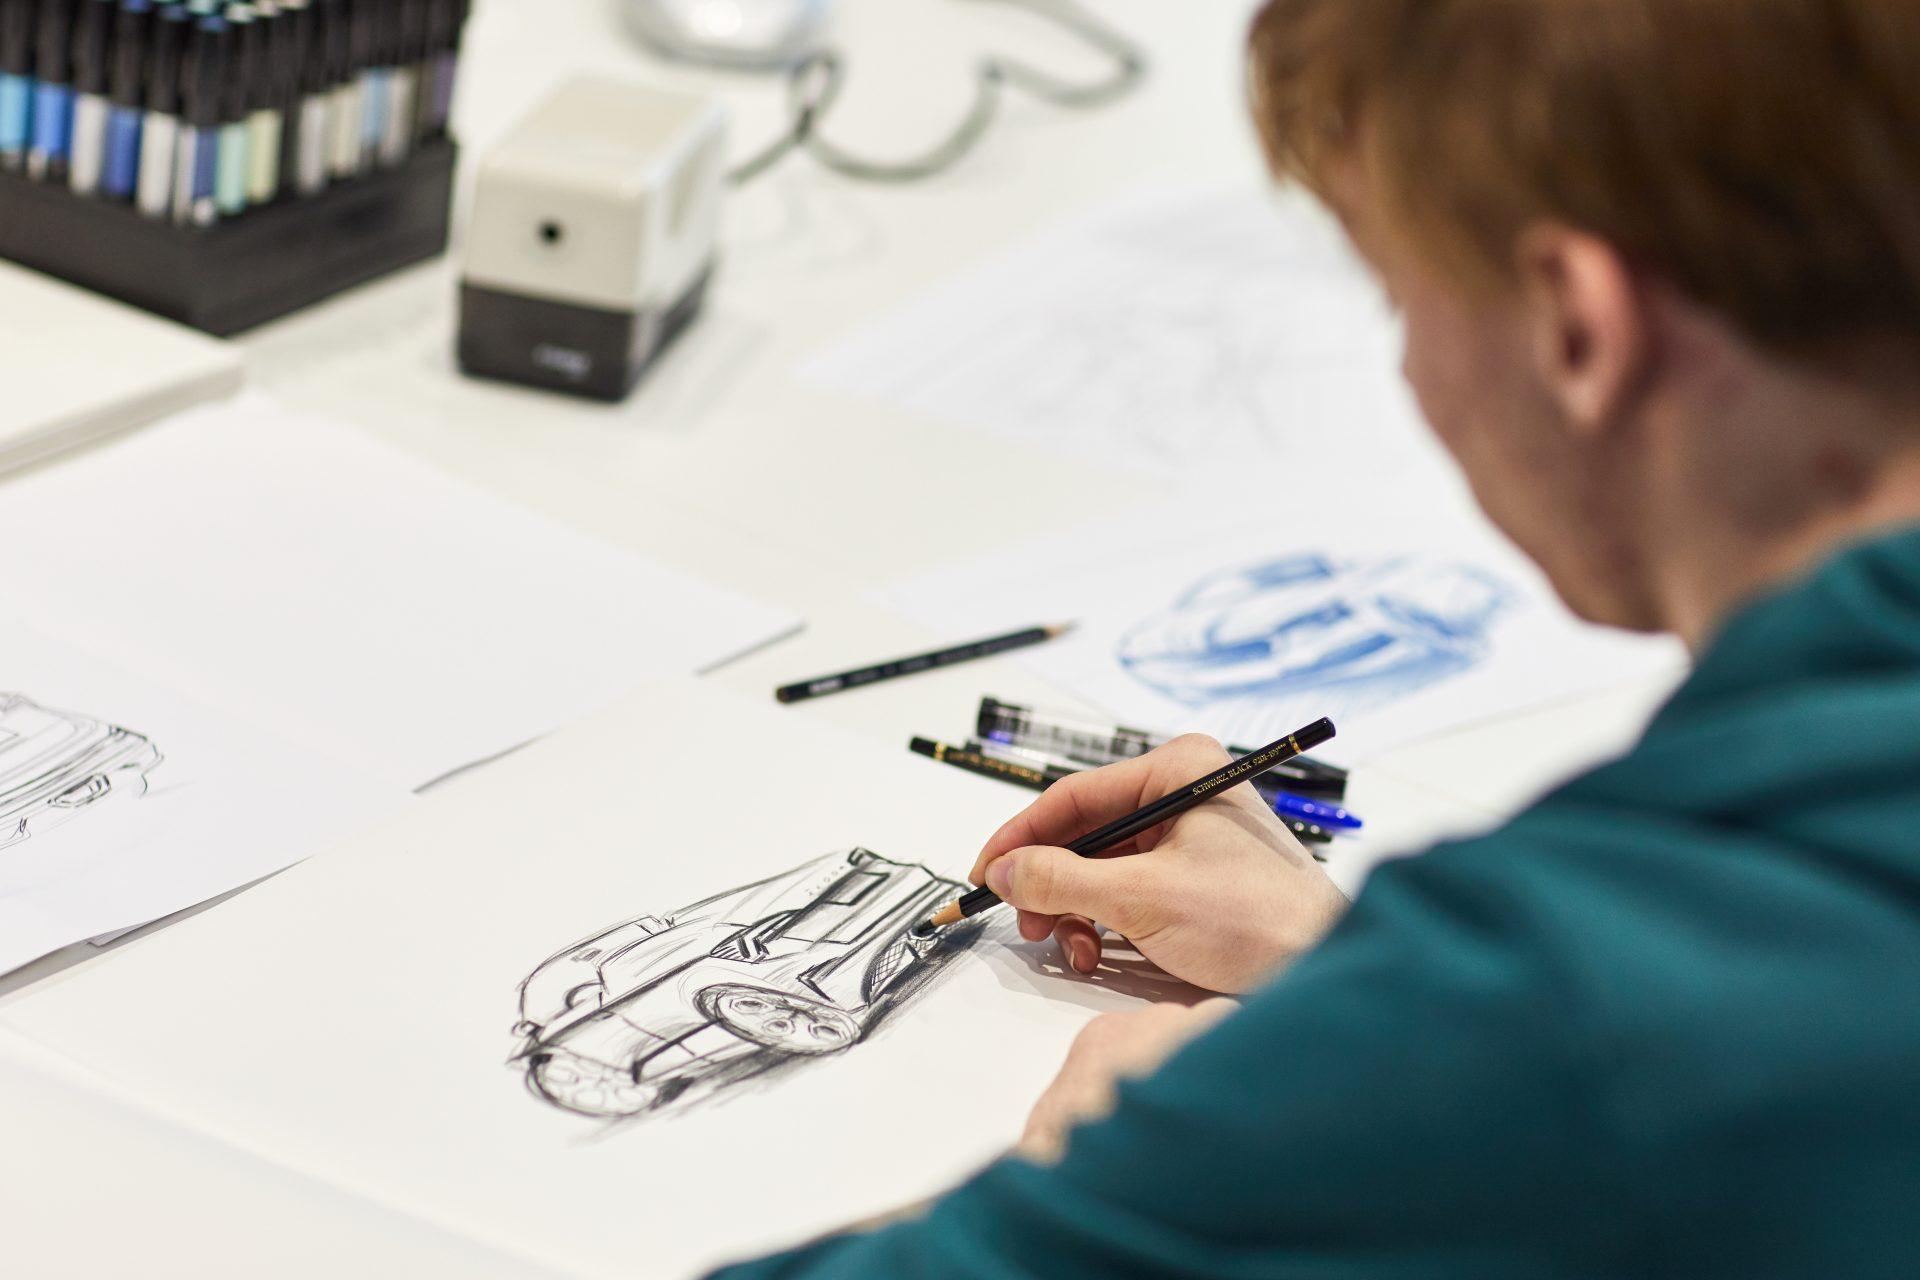 SKODA Academy concept car - Σχεδιασμός